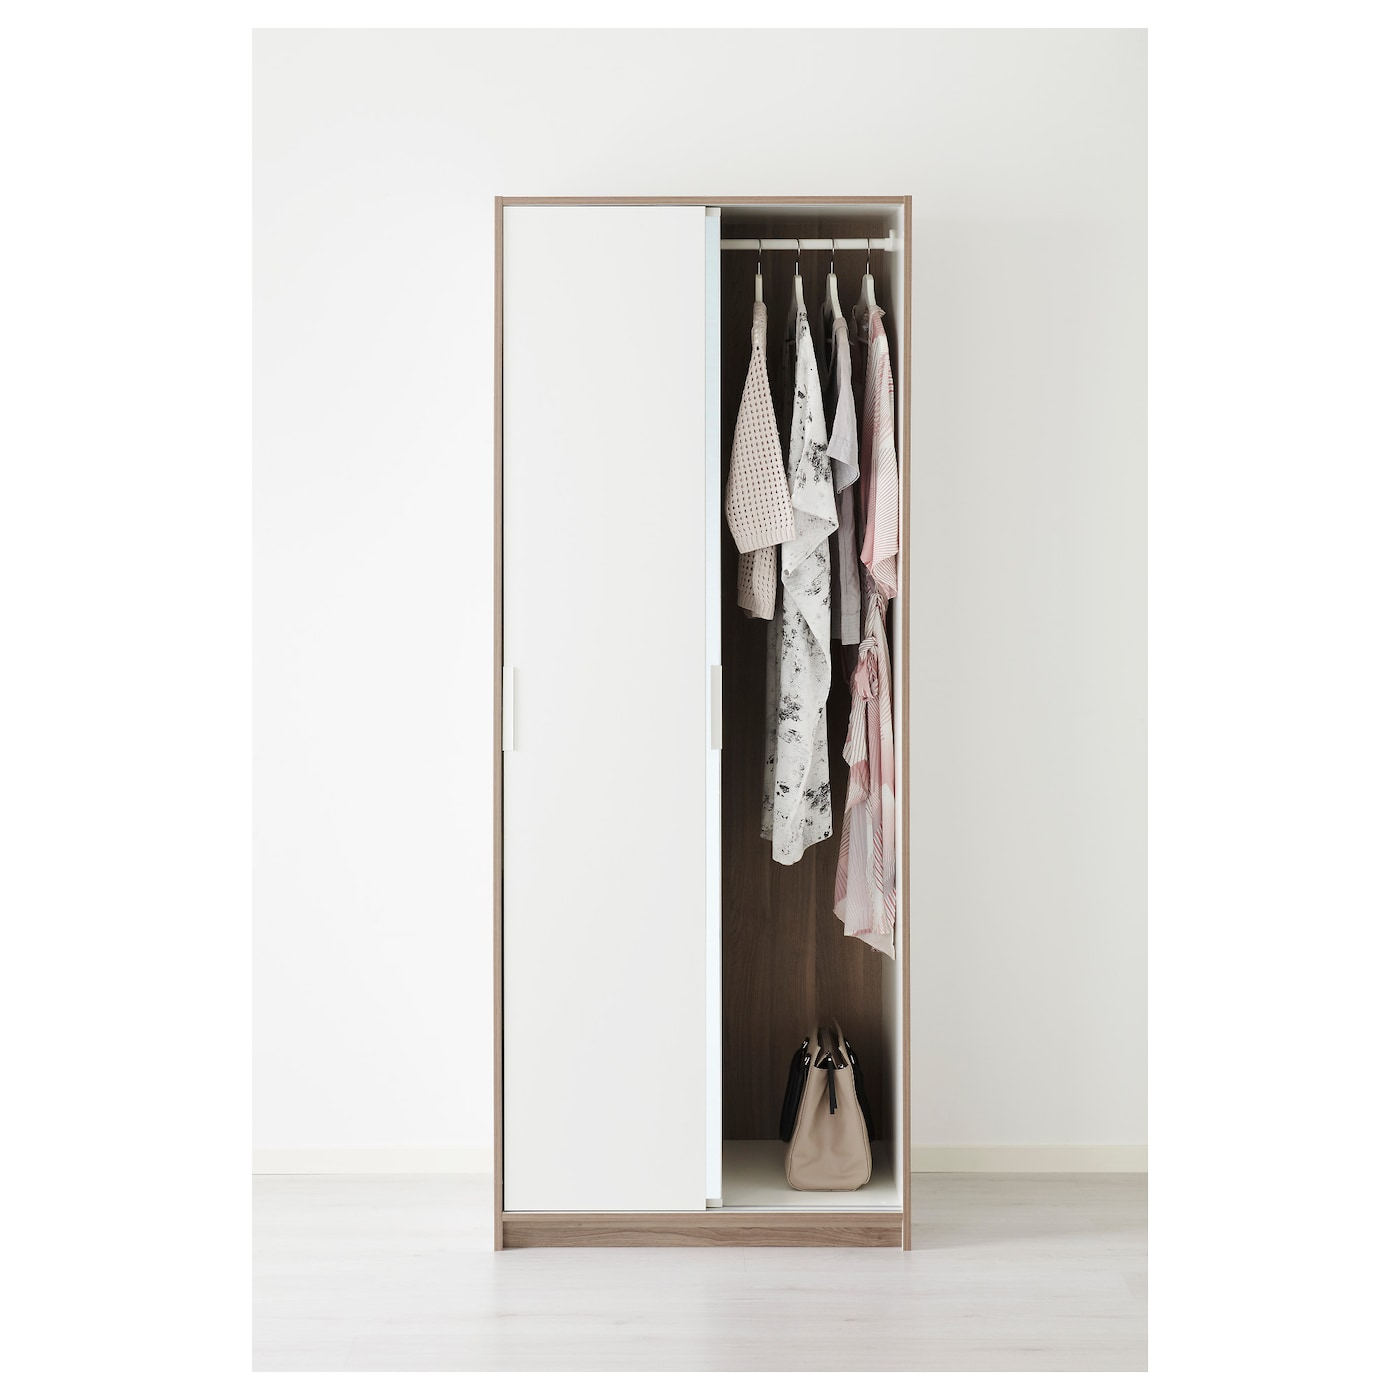 Trysil armario blanco espejo 79 x 61 x 202 cm ikea - Espejo blanco ikea ...